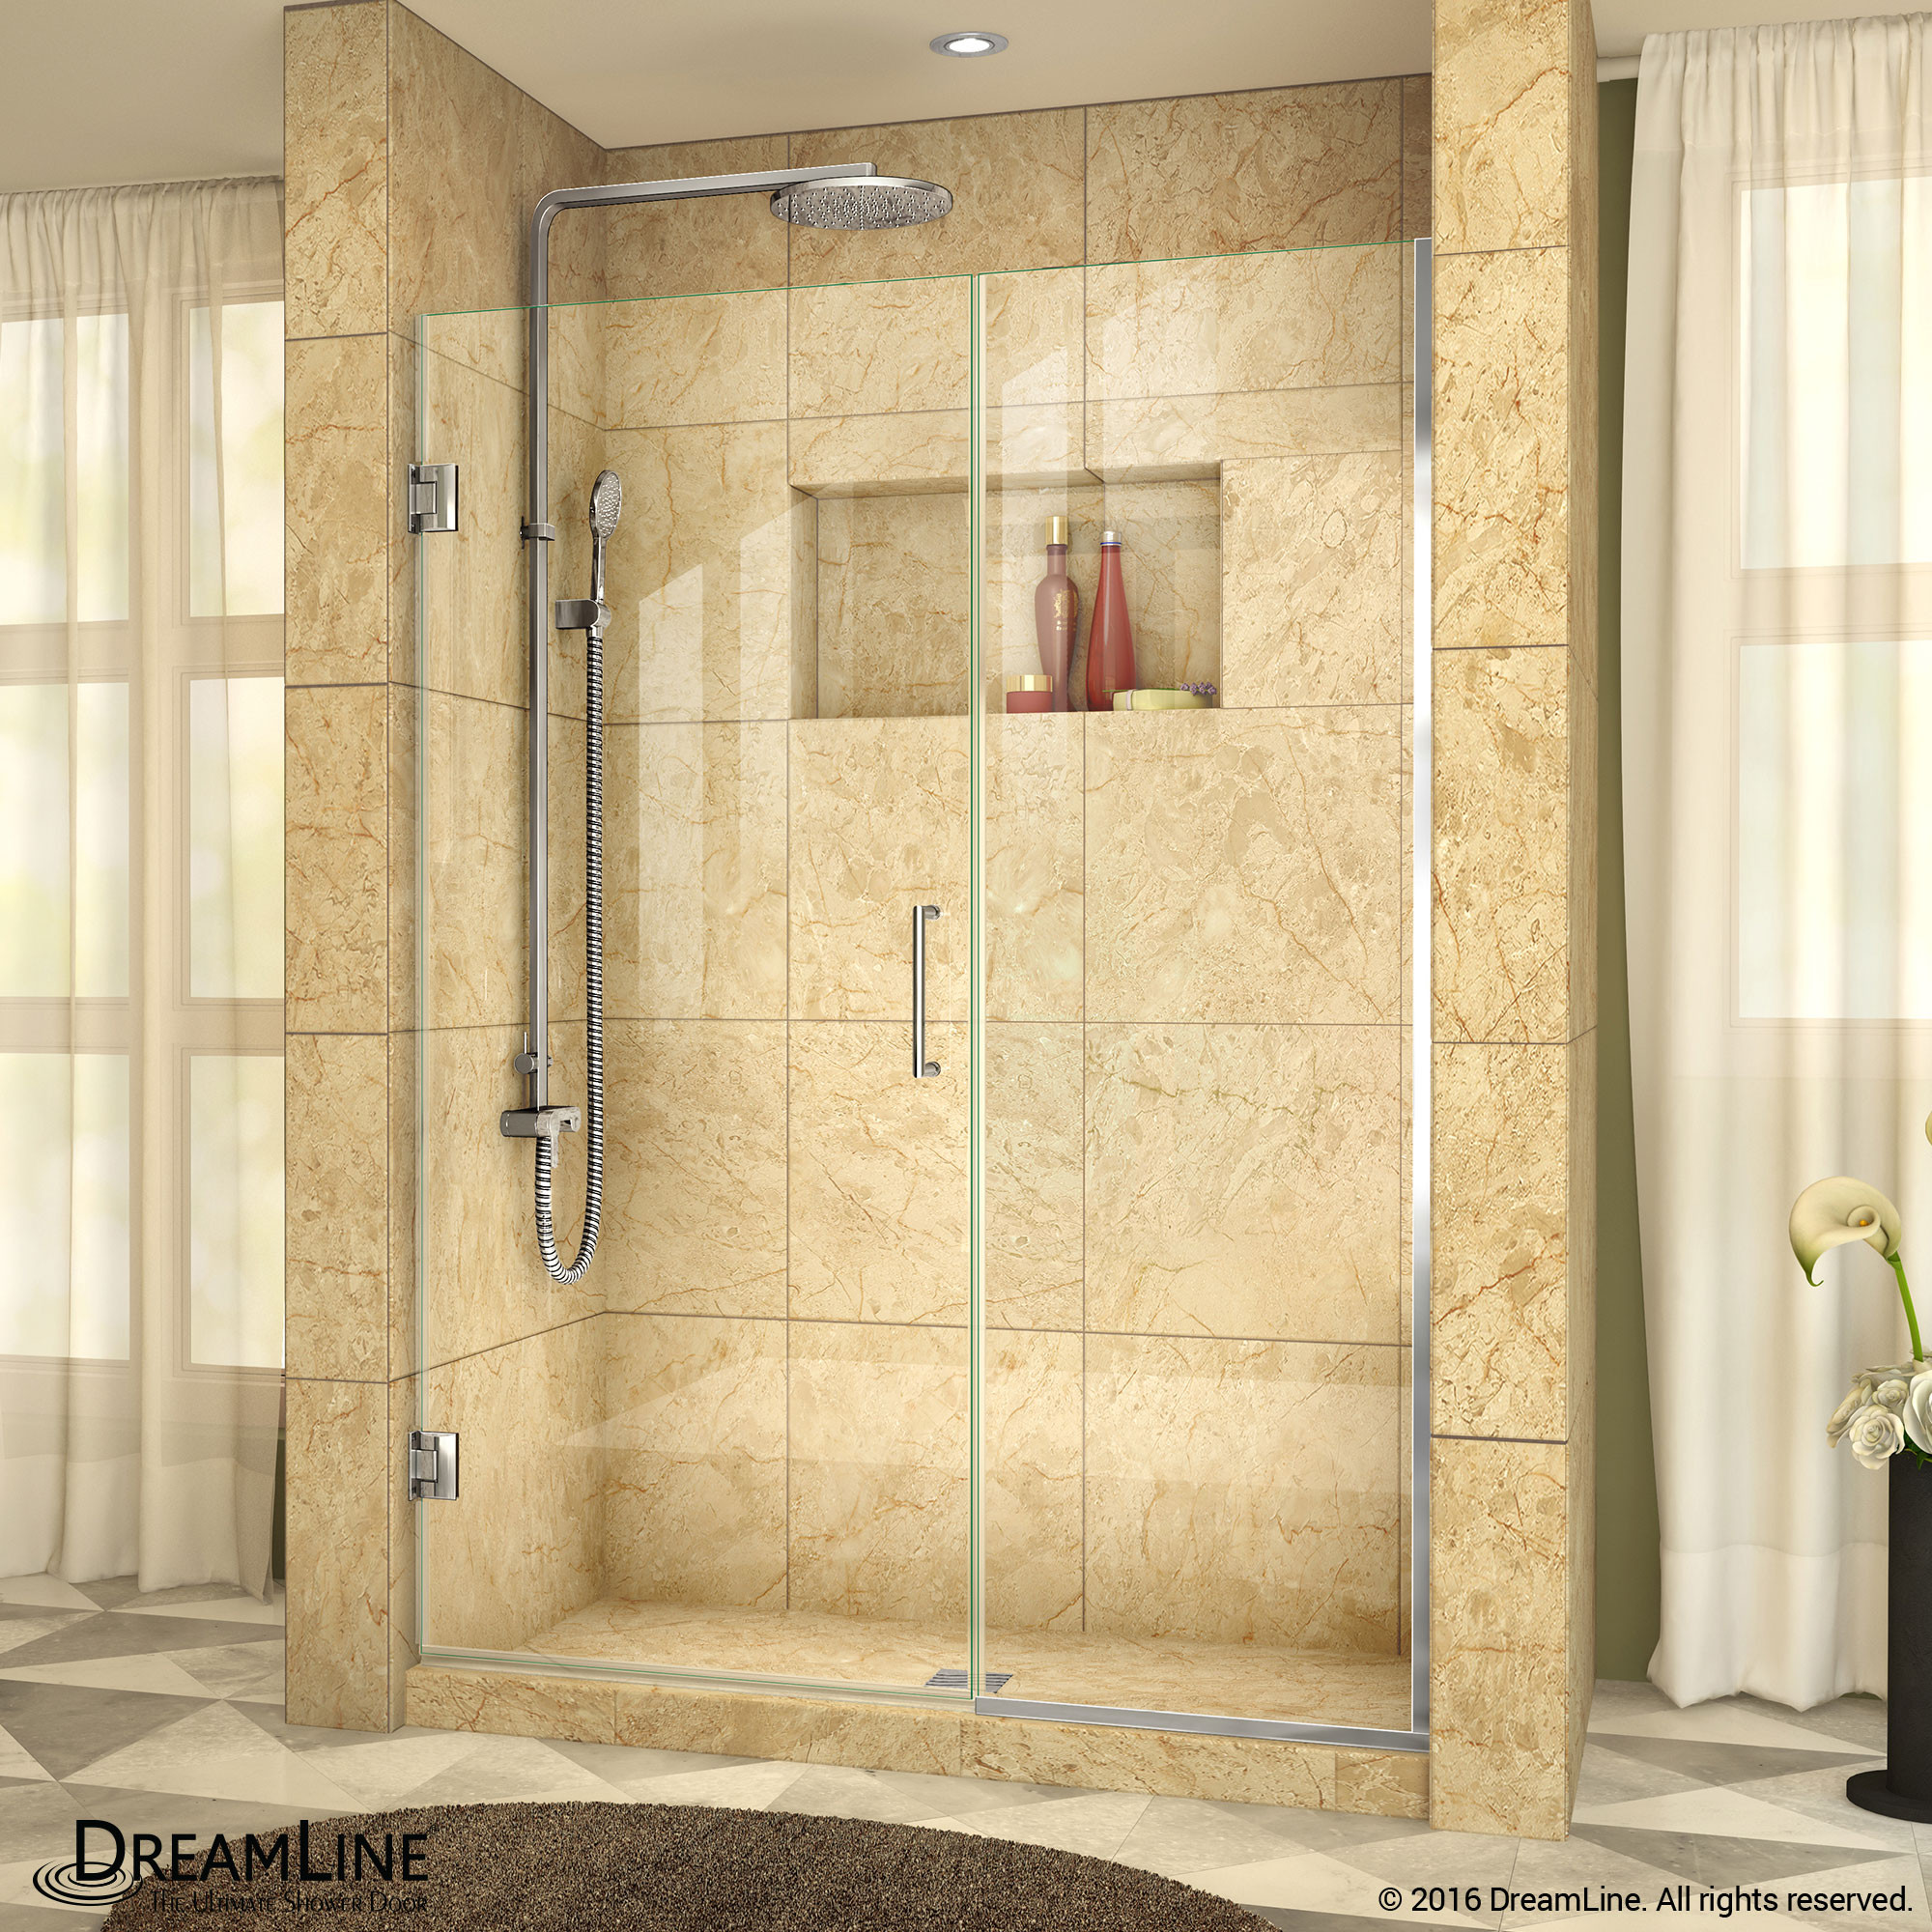 """DreamLine SHDR-245907210-01 Chrome Unidoor Plus 59 to 59-1/2 x 72"""" Hinged Shower Door"""